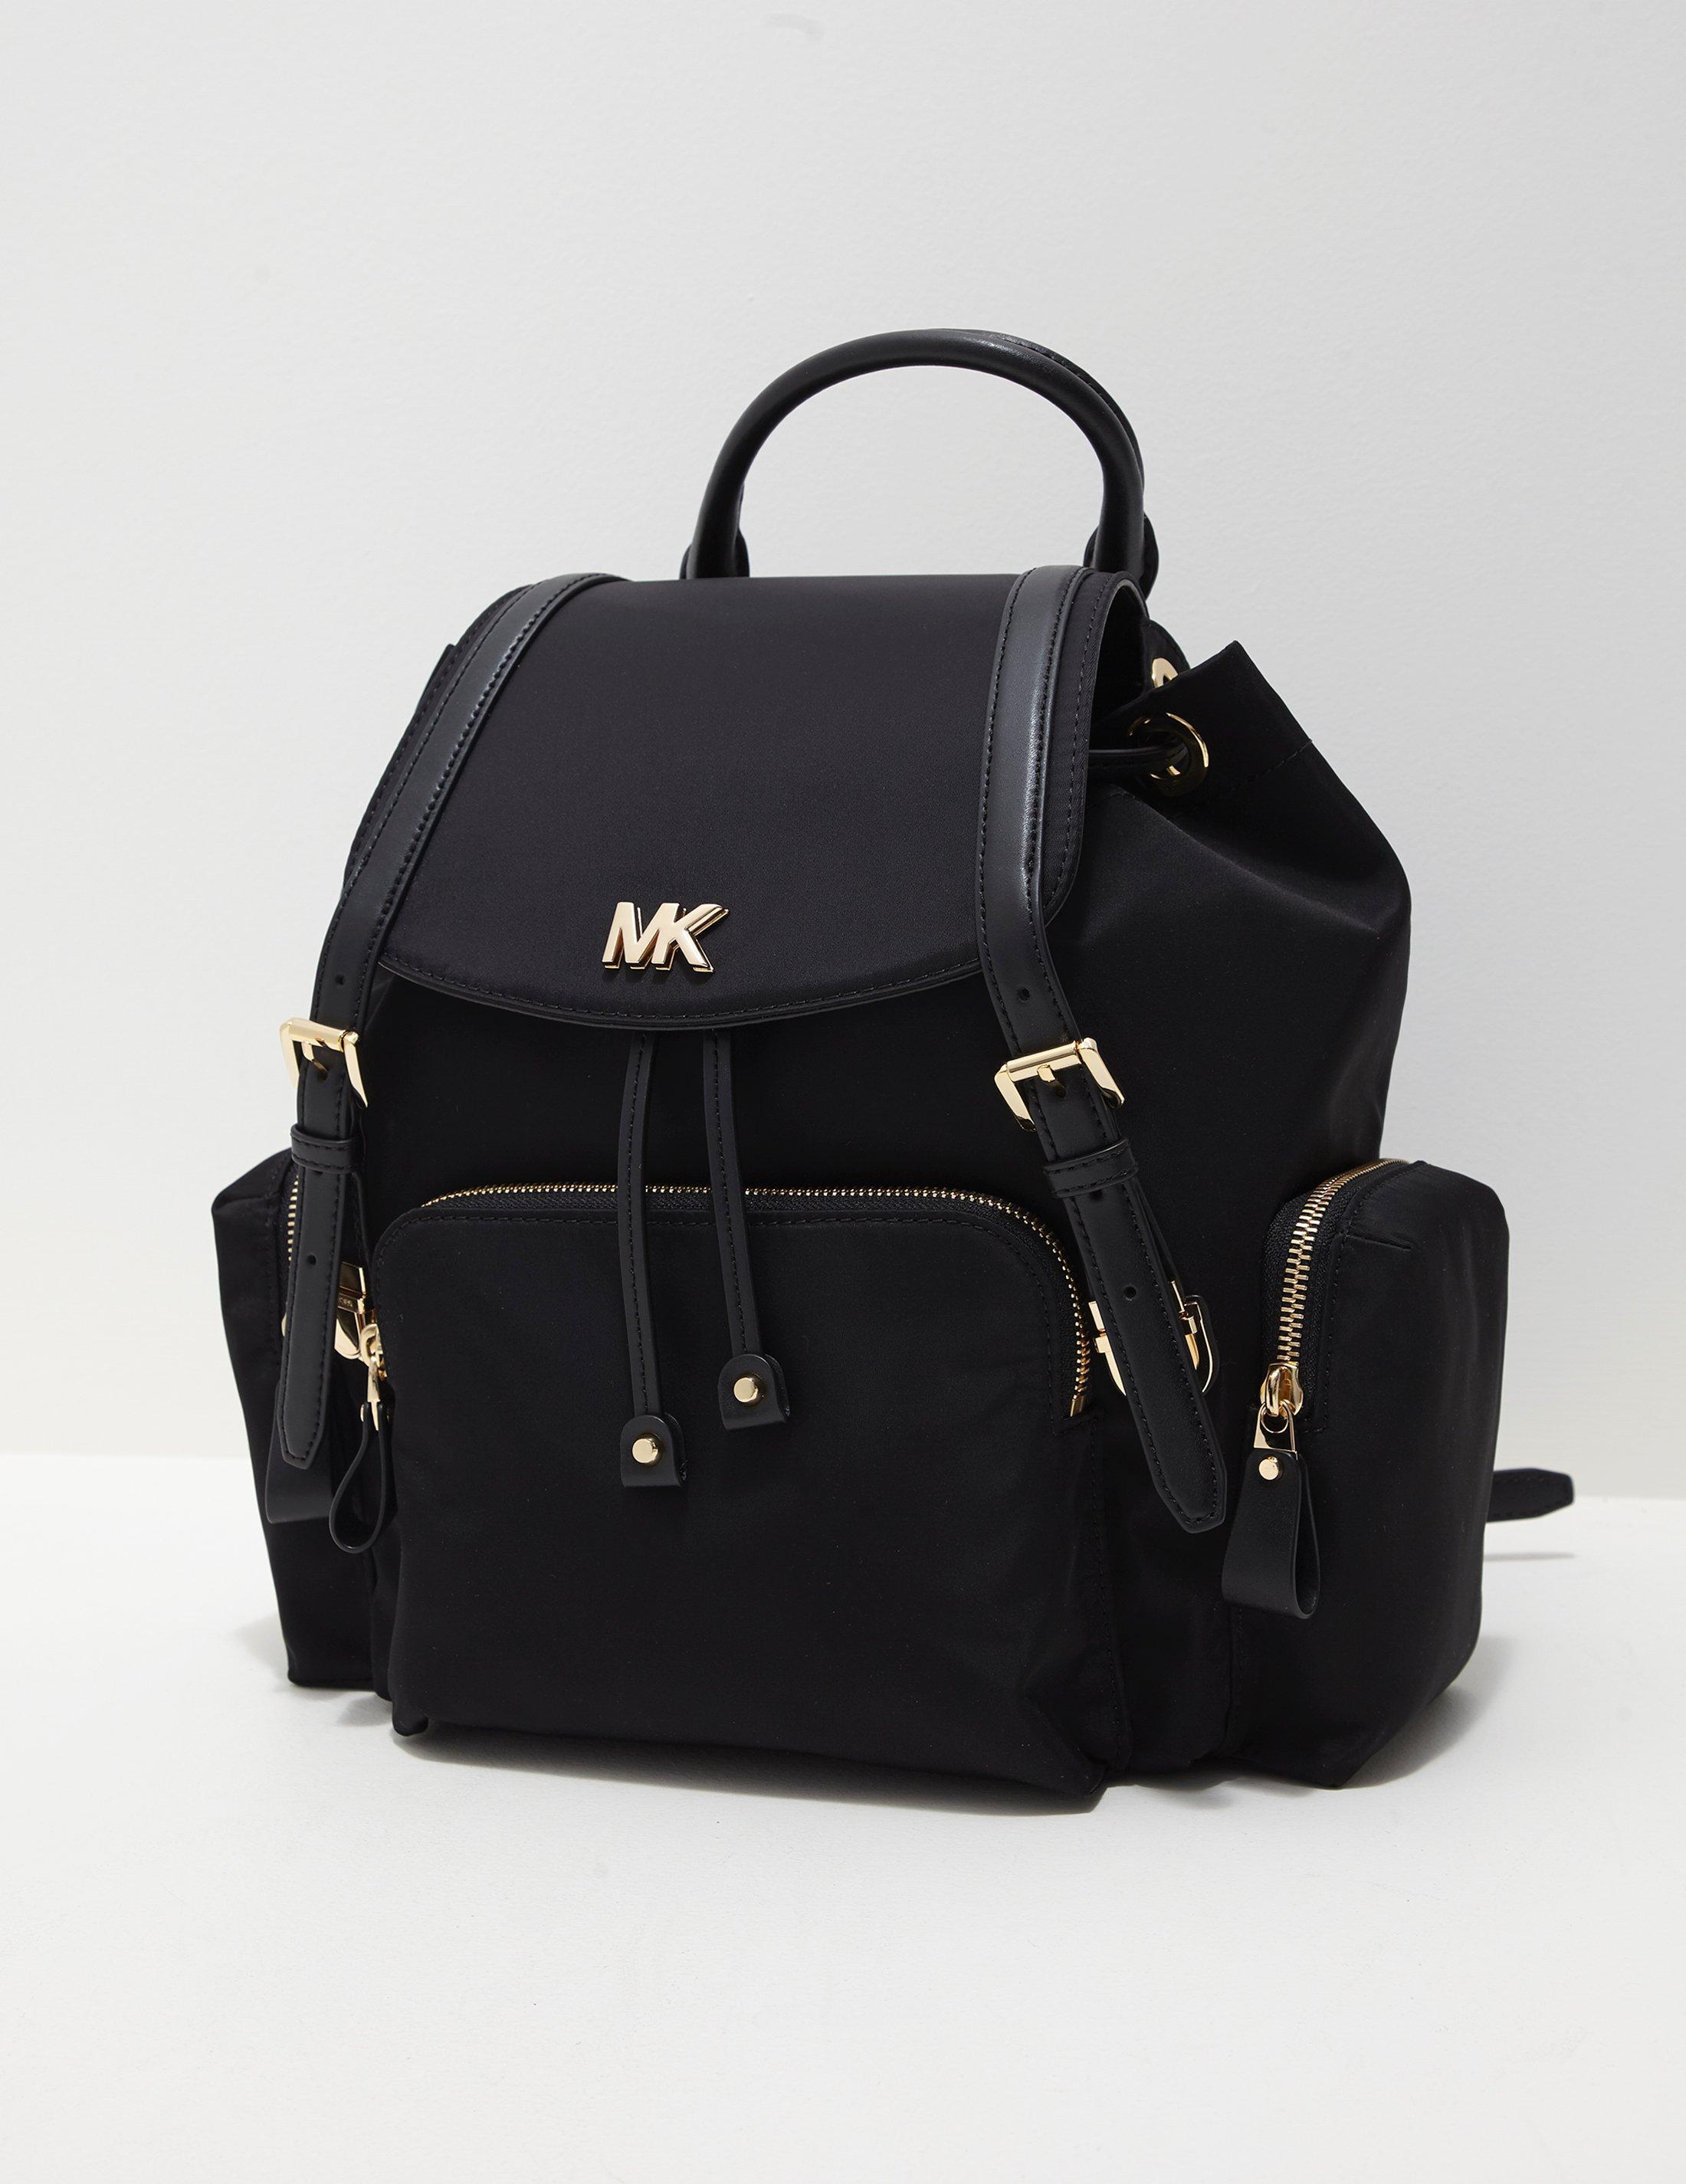 412ca96a2702 Backpack Purse Mk- Fenix Toulouse Handball